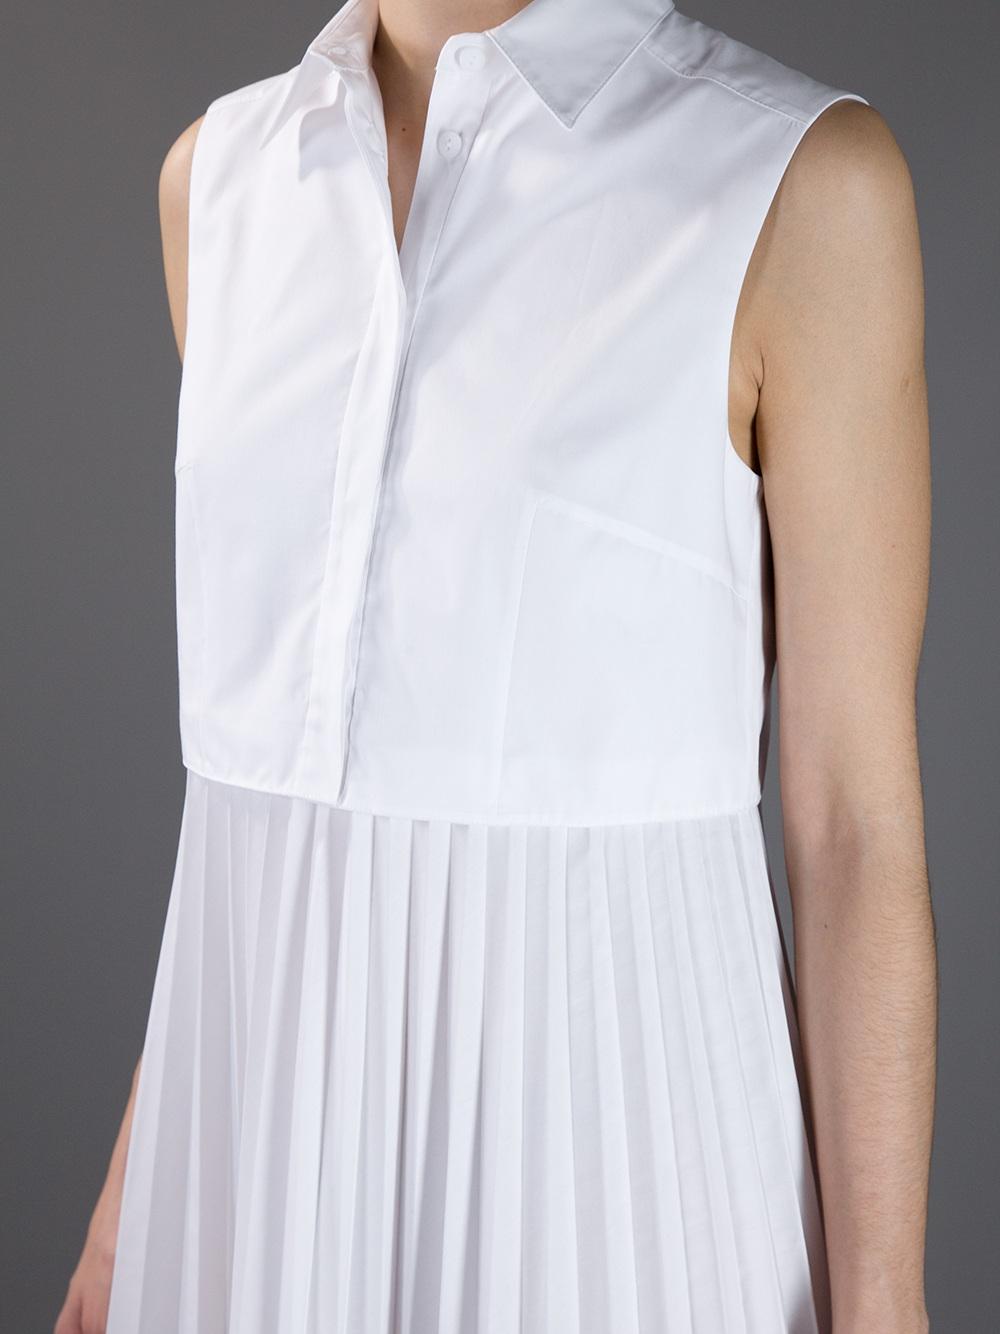 Lyst Christopher Kane Pleated Skirt Shirt Dress In White